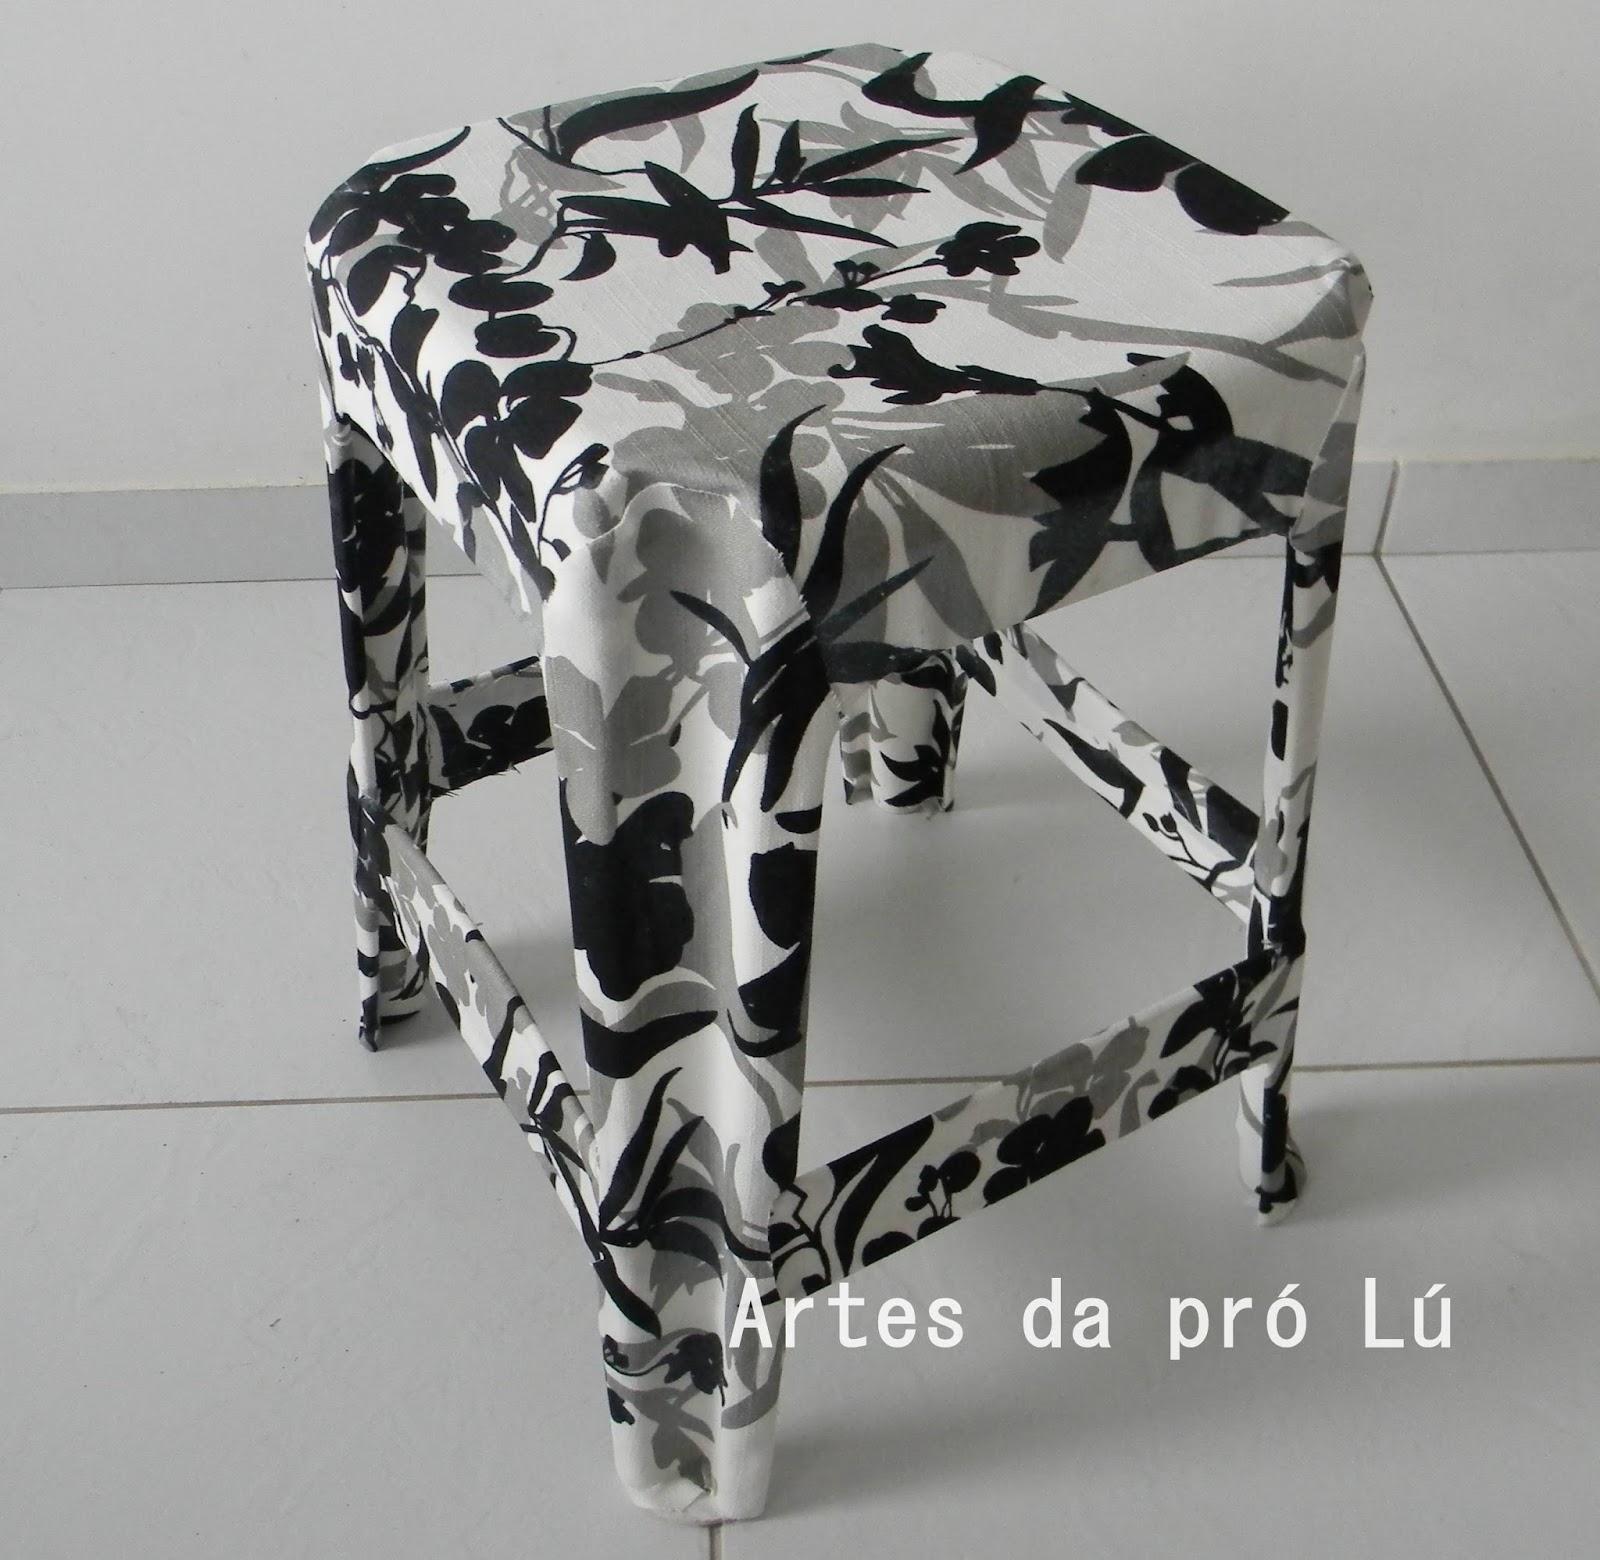 da Pró Lú: Vídeo: Como forrar um banquinho plástico com tecido #4F5059 1600x1560